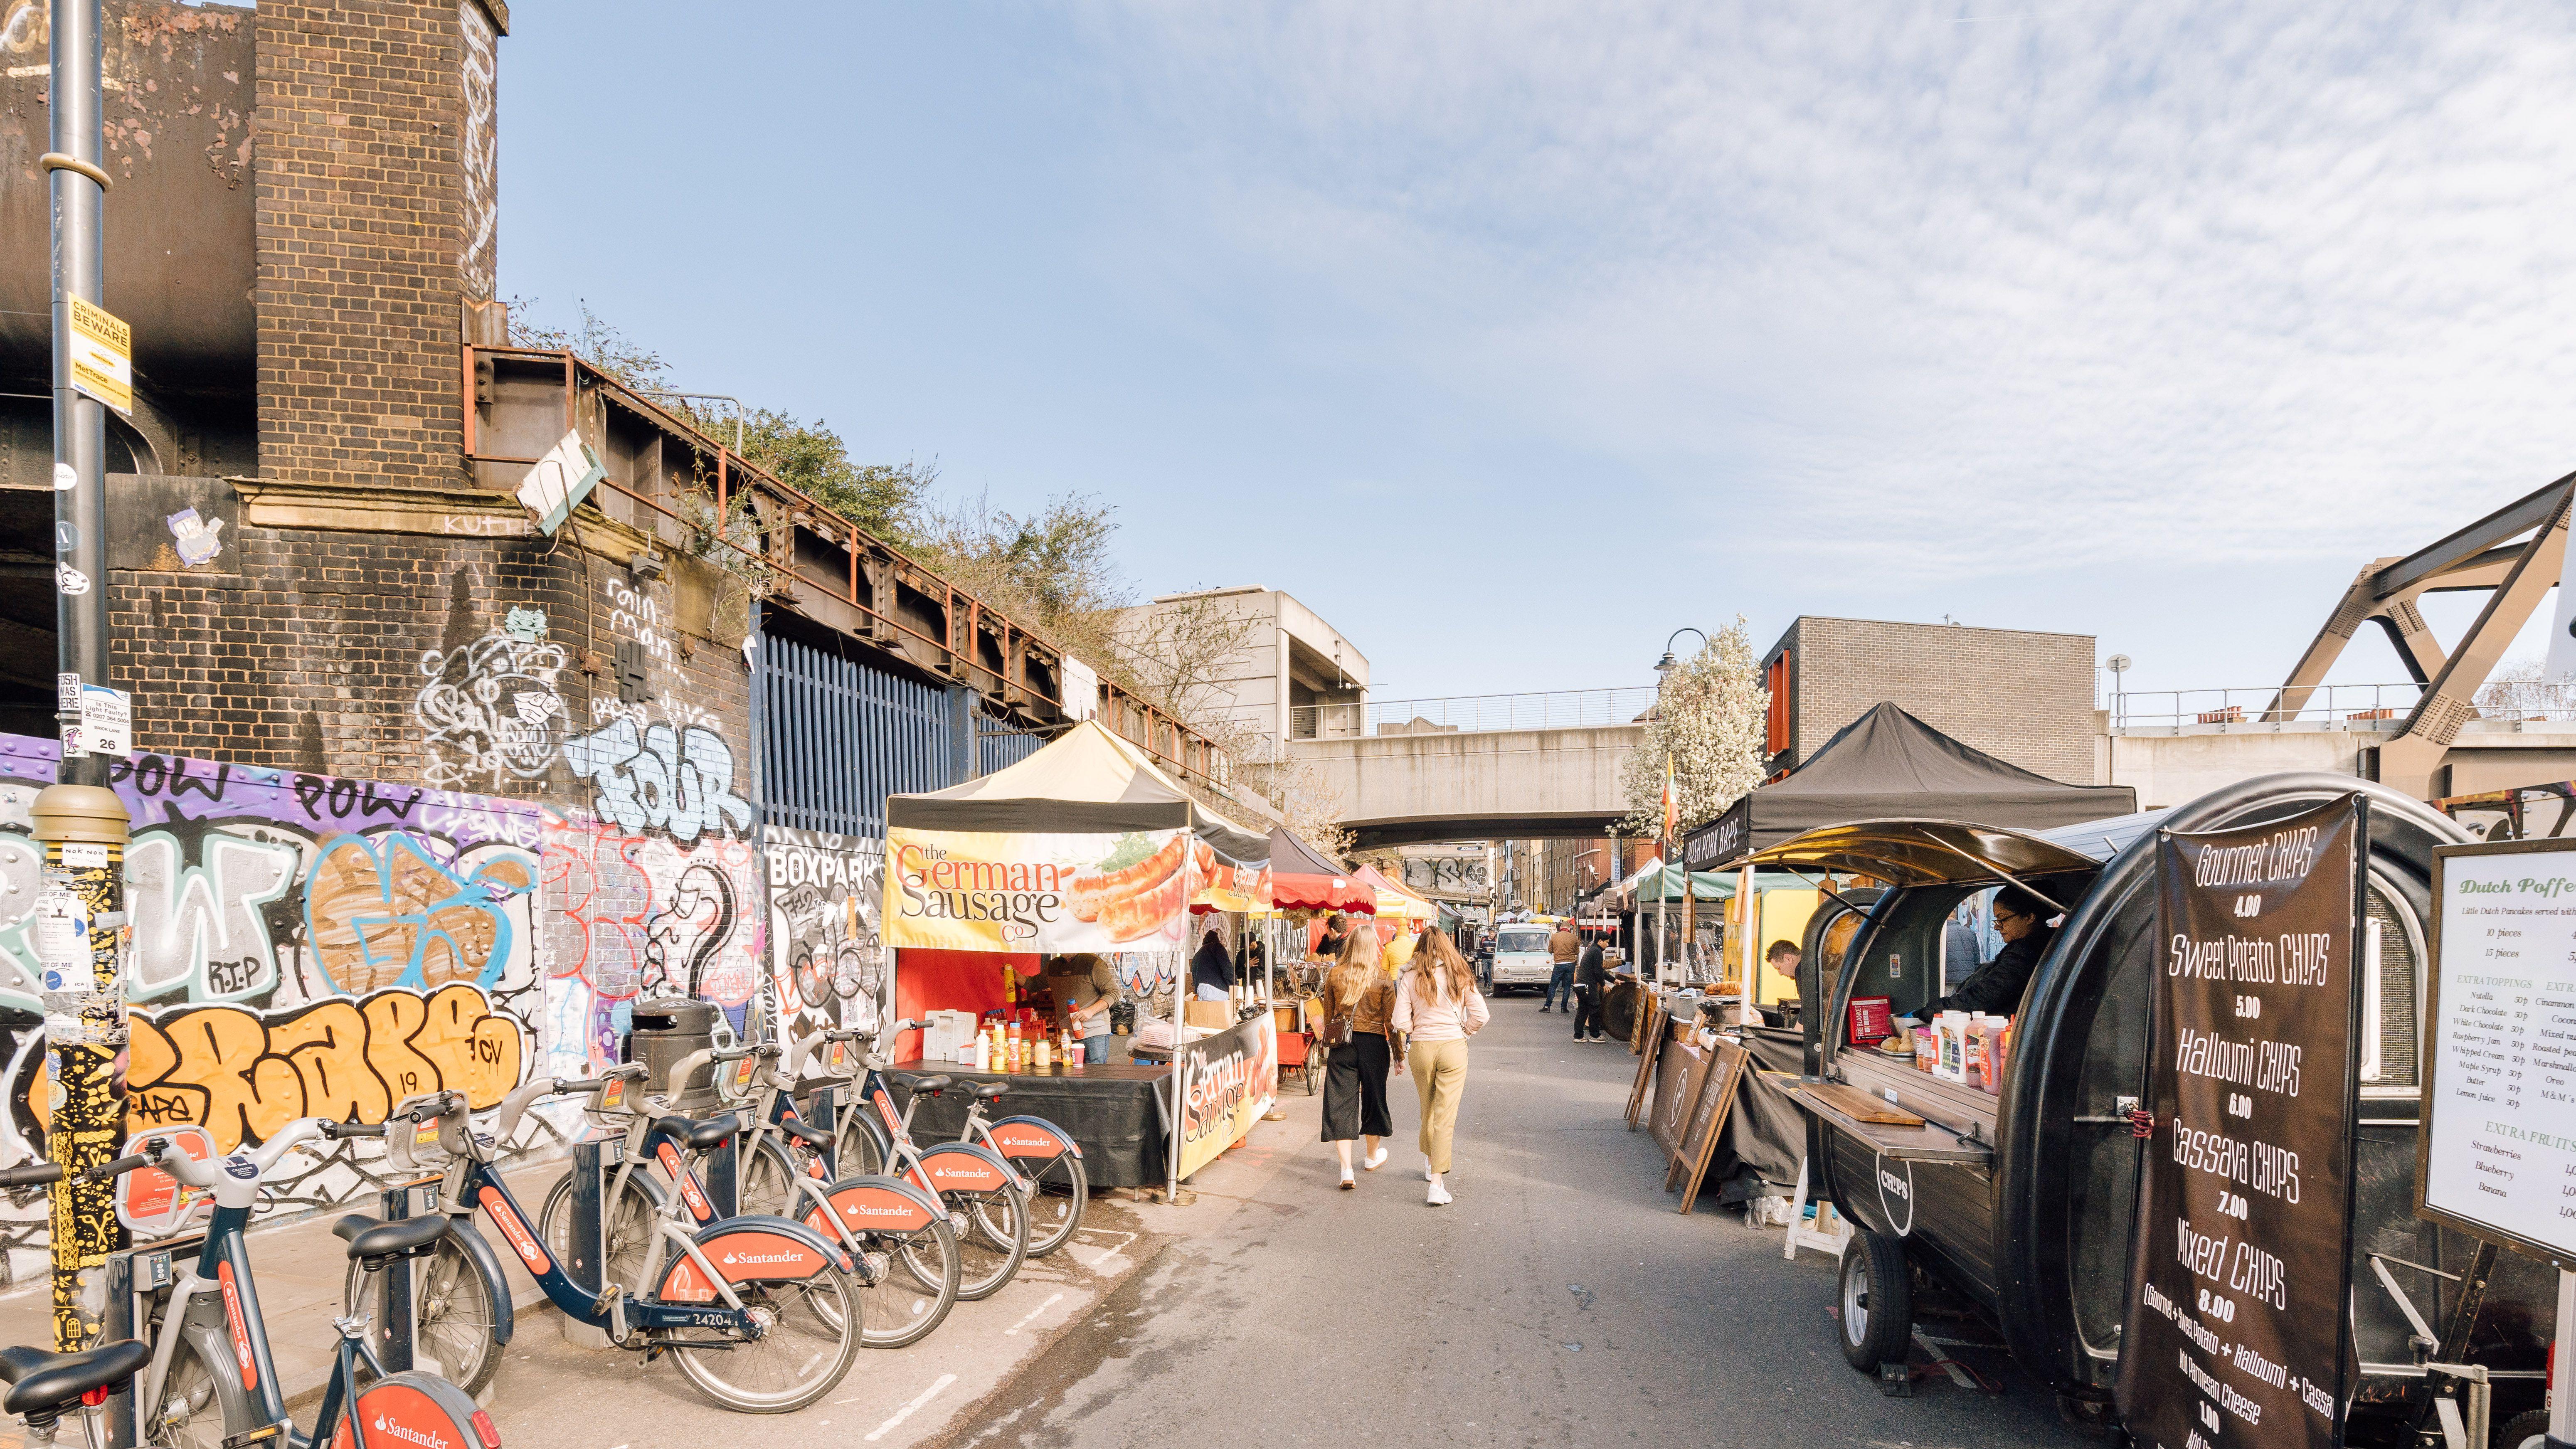 Brick Lane Market in Banglatown London